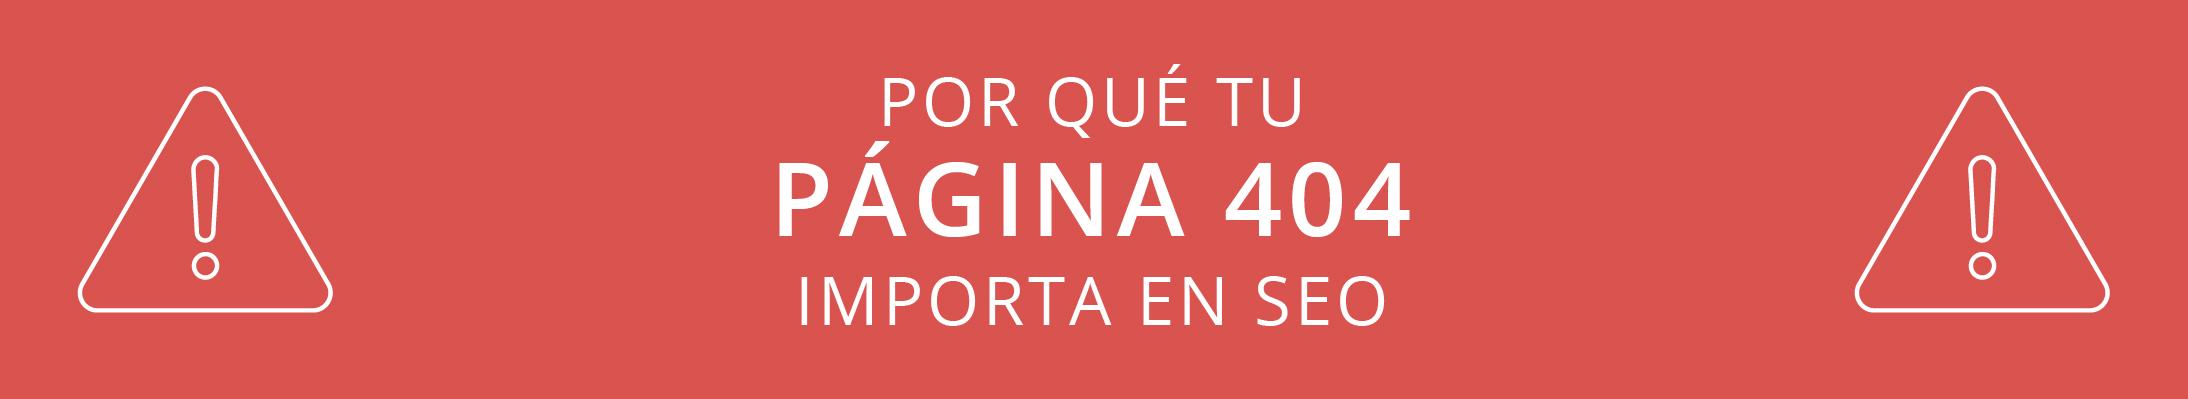 Por qué tu página 404 importa en SEO